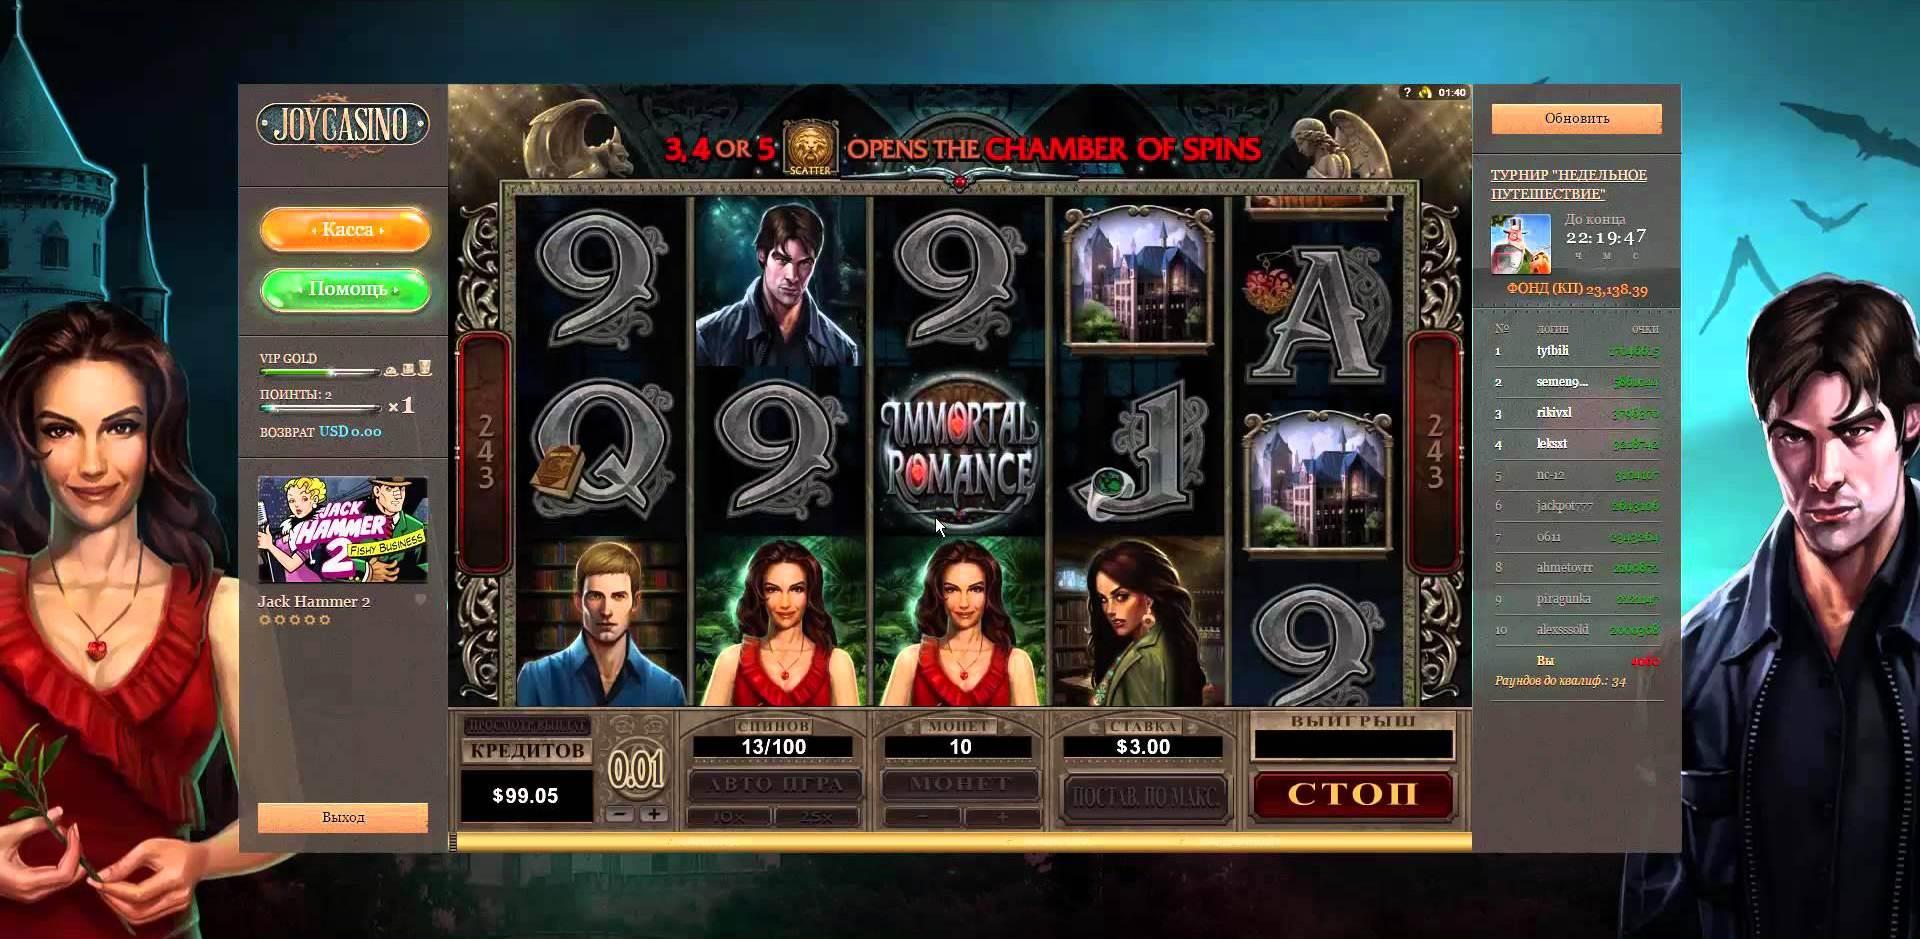 Предлагают работу играть в казино на чужие деньги